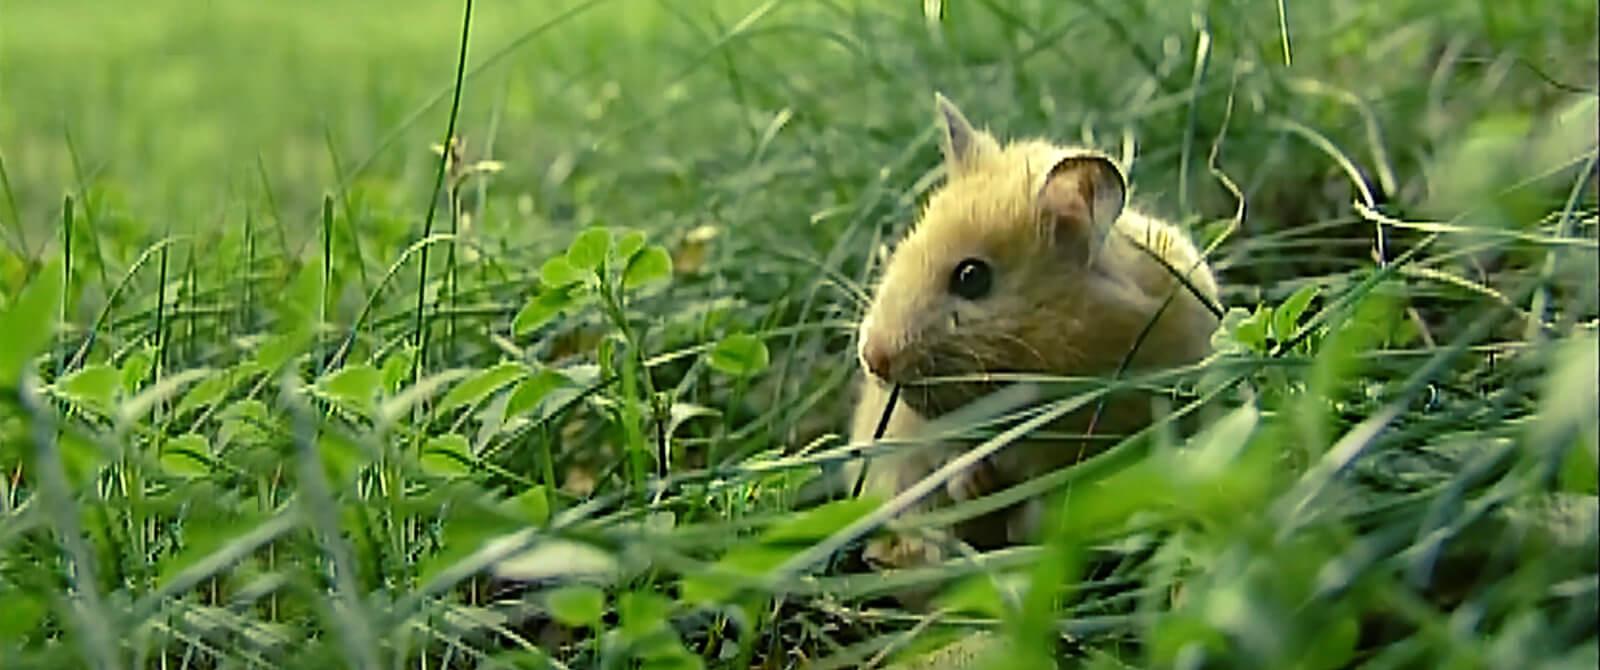 Sirijos žiurkėnai populiarūs visame pasaulyje